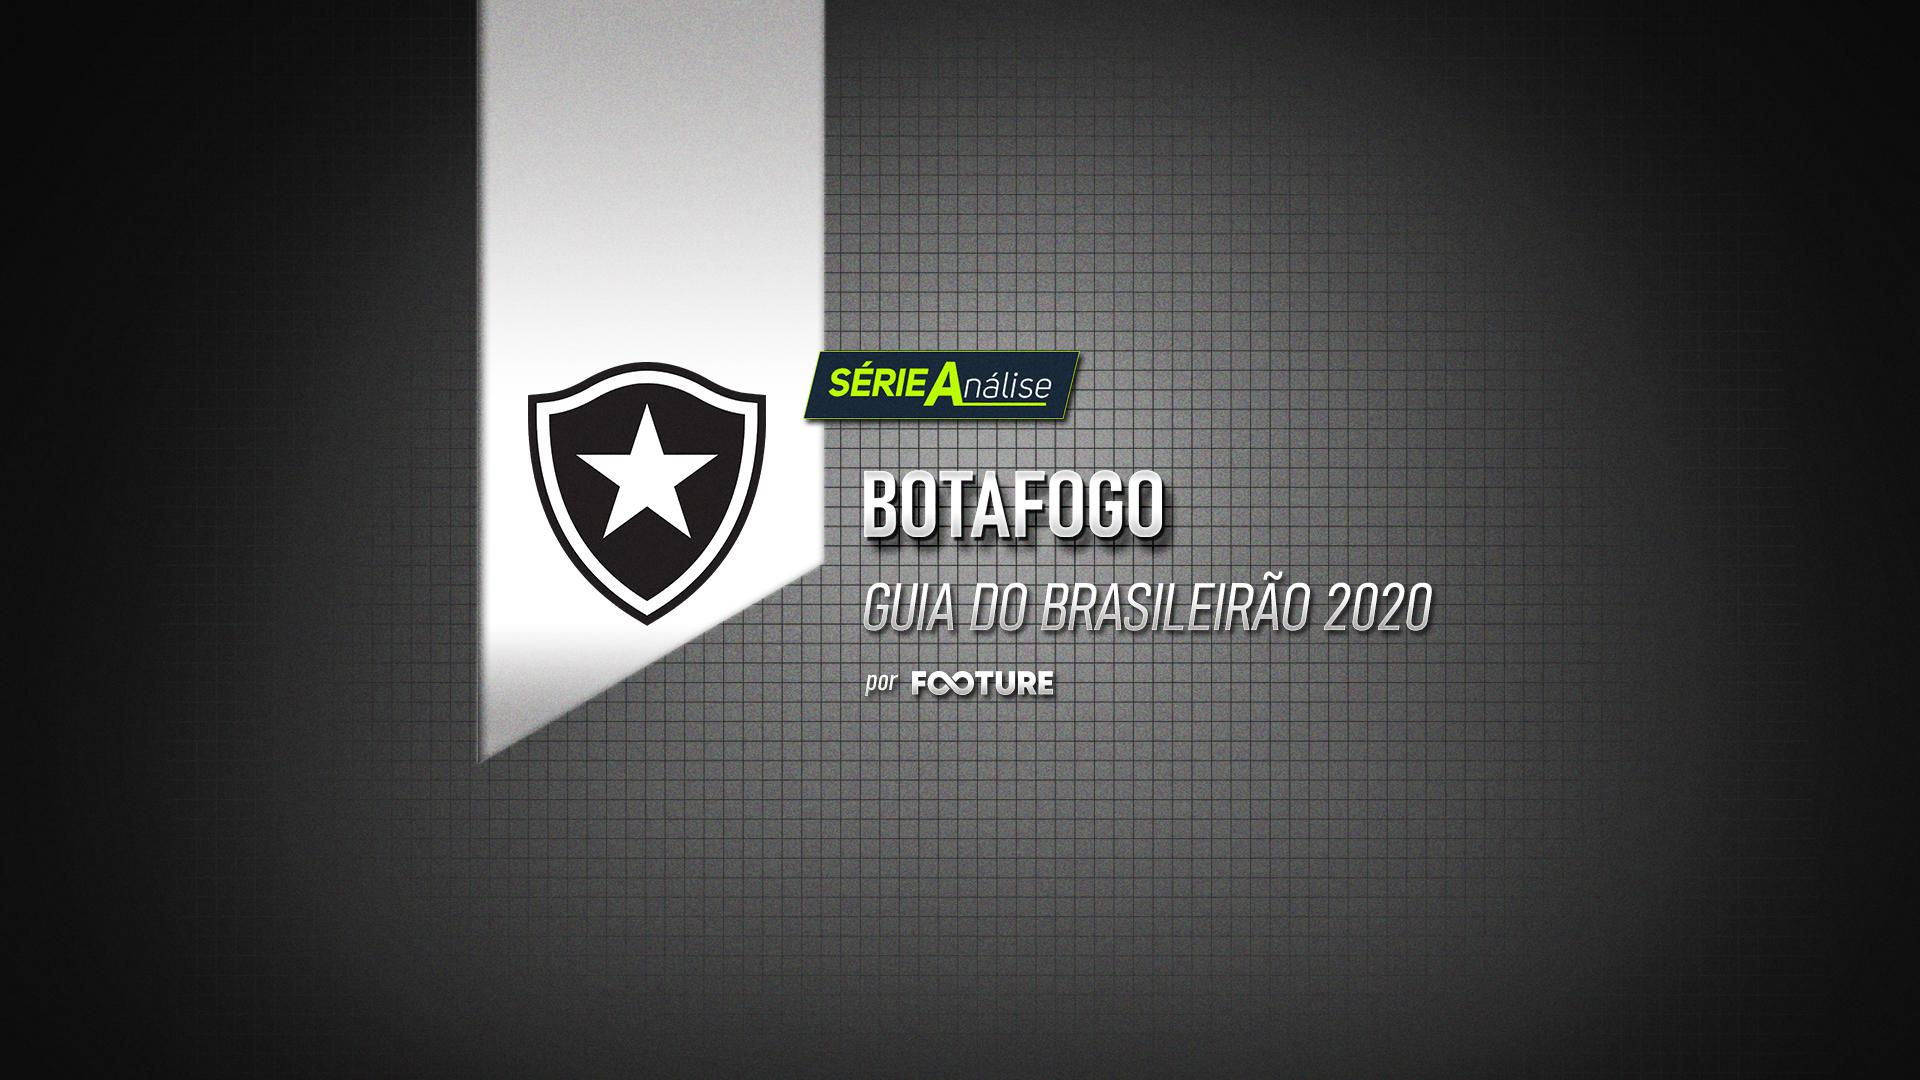 Guia do Brasileirão 2020 – Botafogo